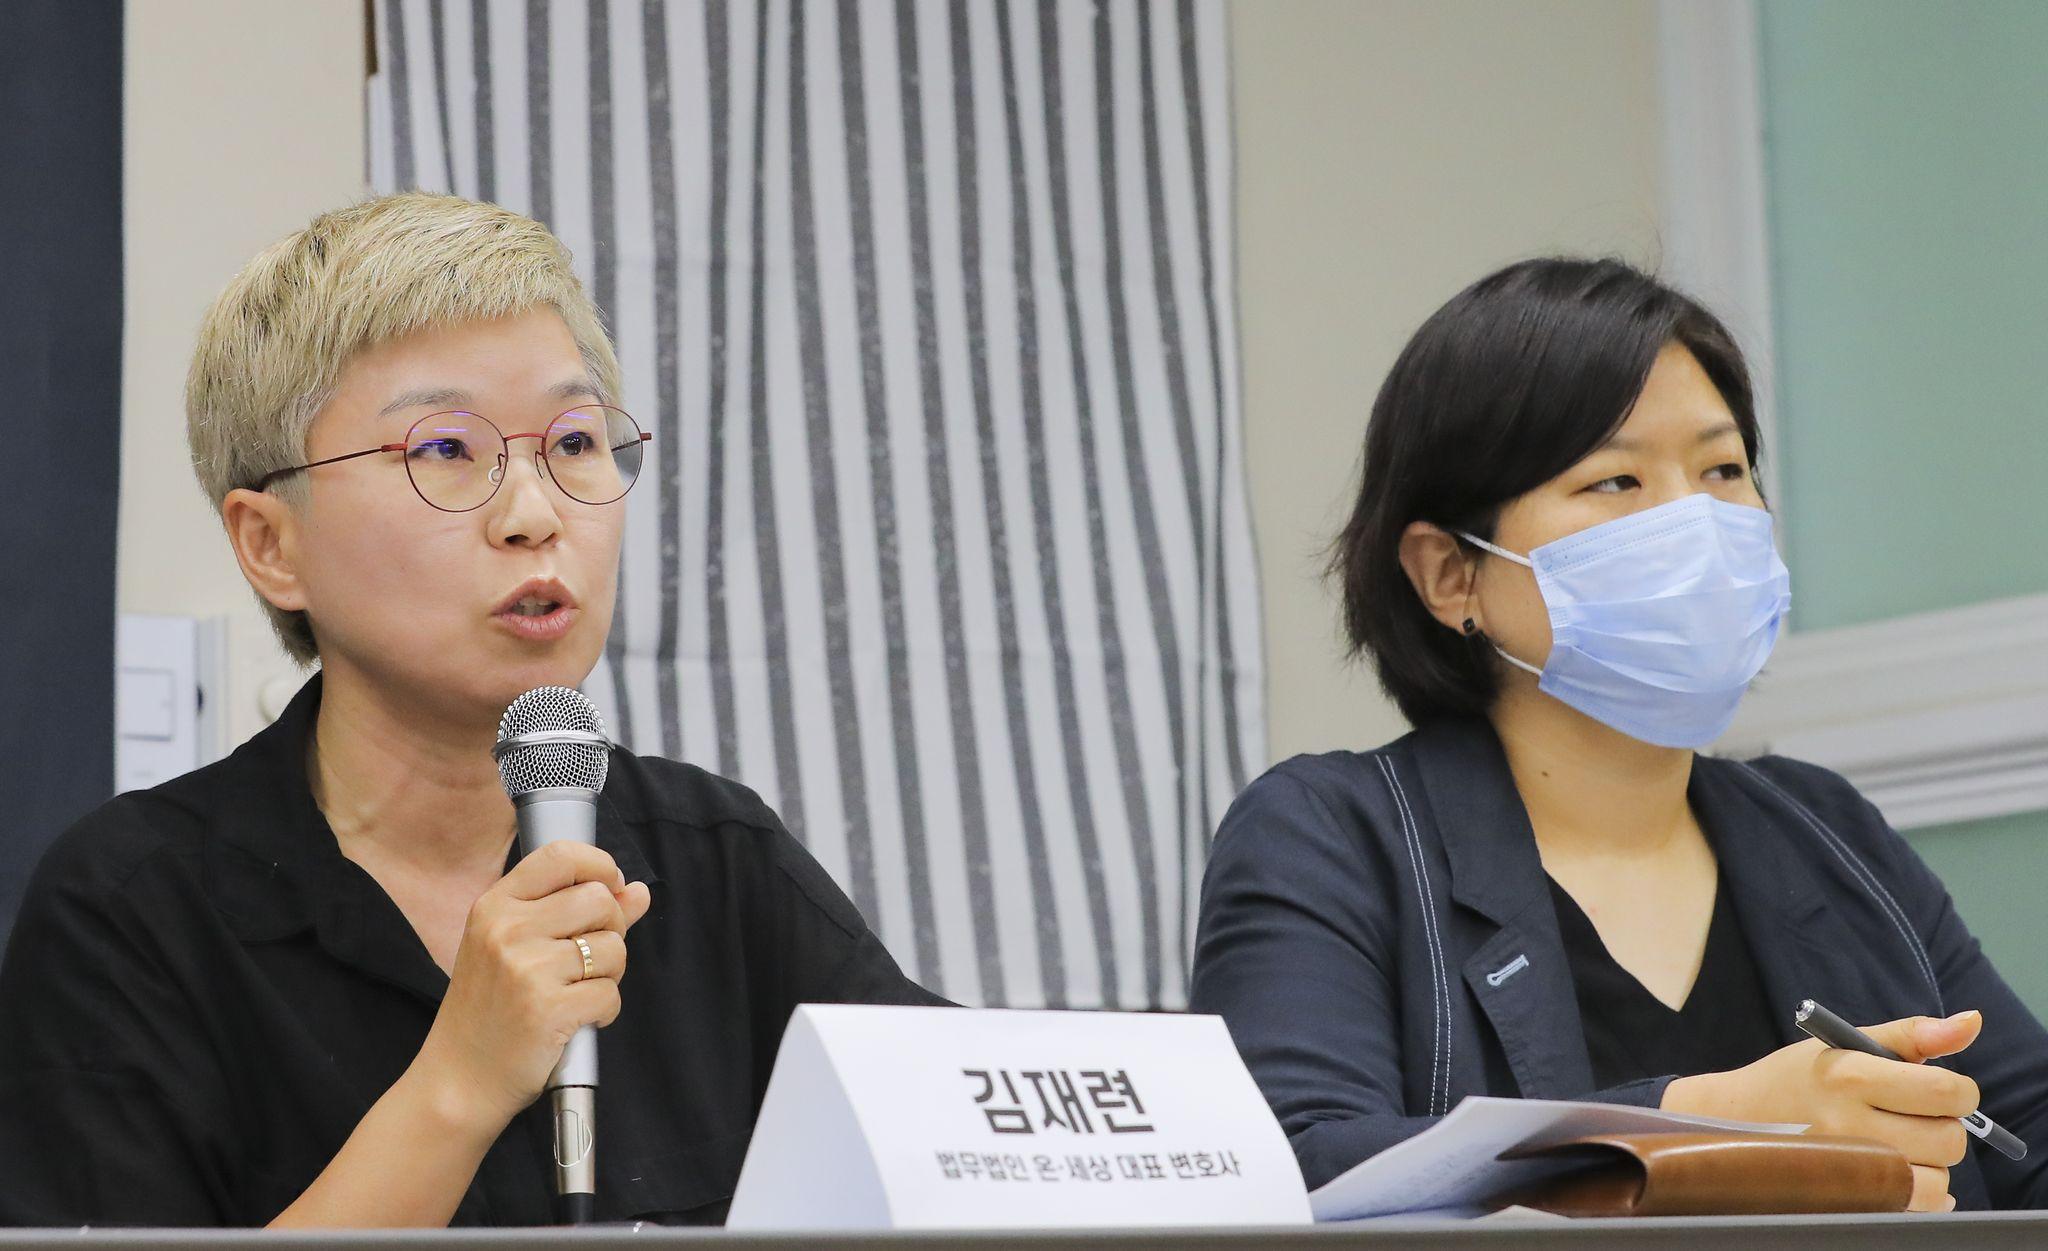 13일 오후 서울 은평구 한국여성의 전화에서 열린 서울시장에 의한 성추행 사건 기자회견에서 피해자 대리인 김재련 변호사(왼쪽)가 사건의 경위를 설명하고 있다. 연합뉴스